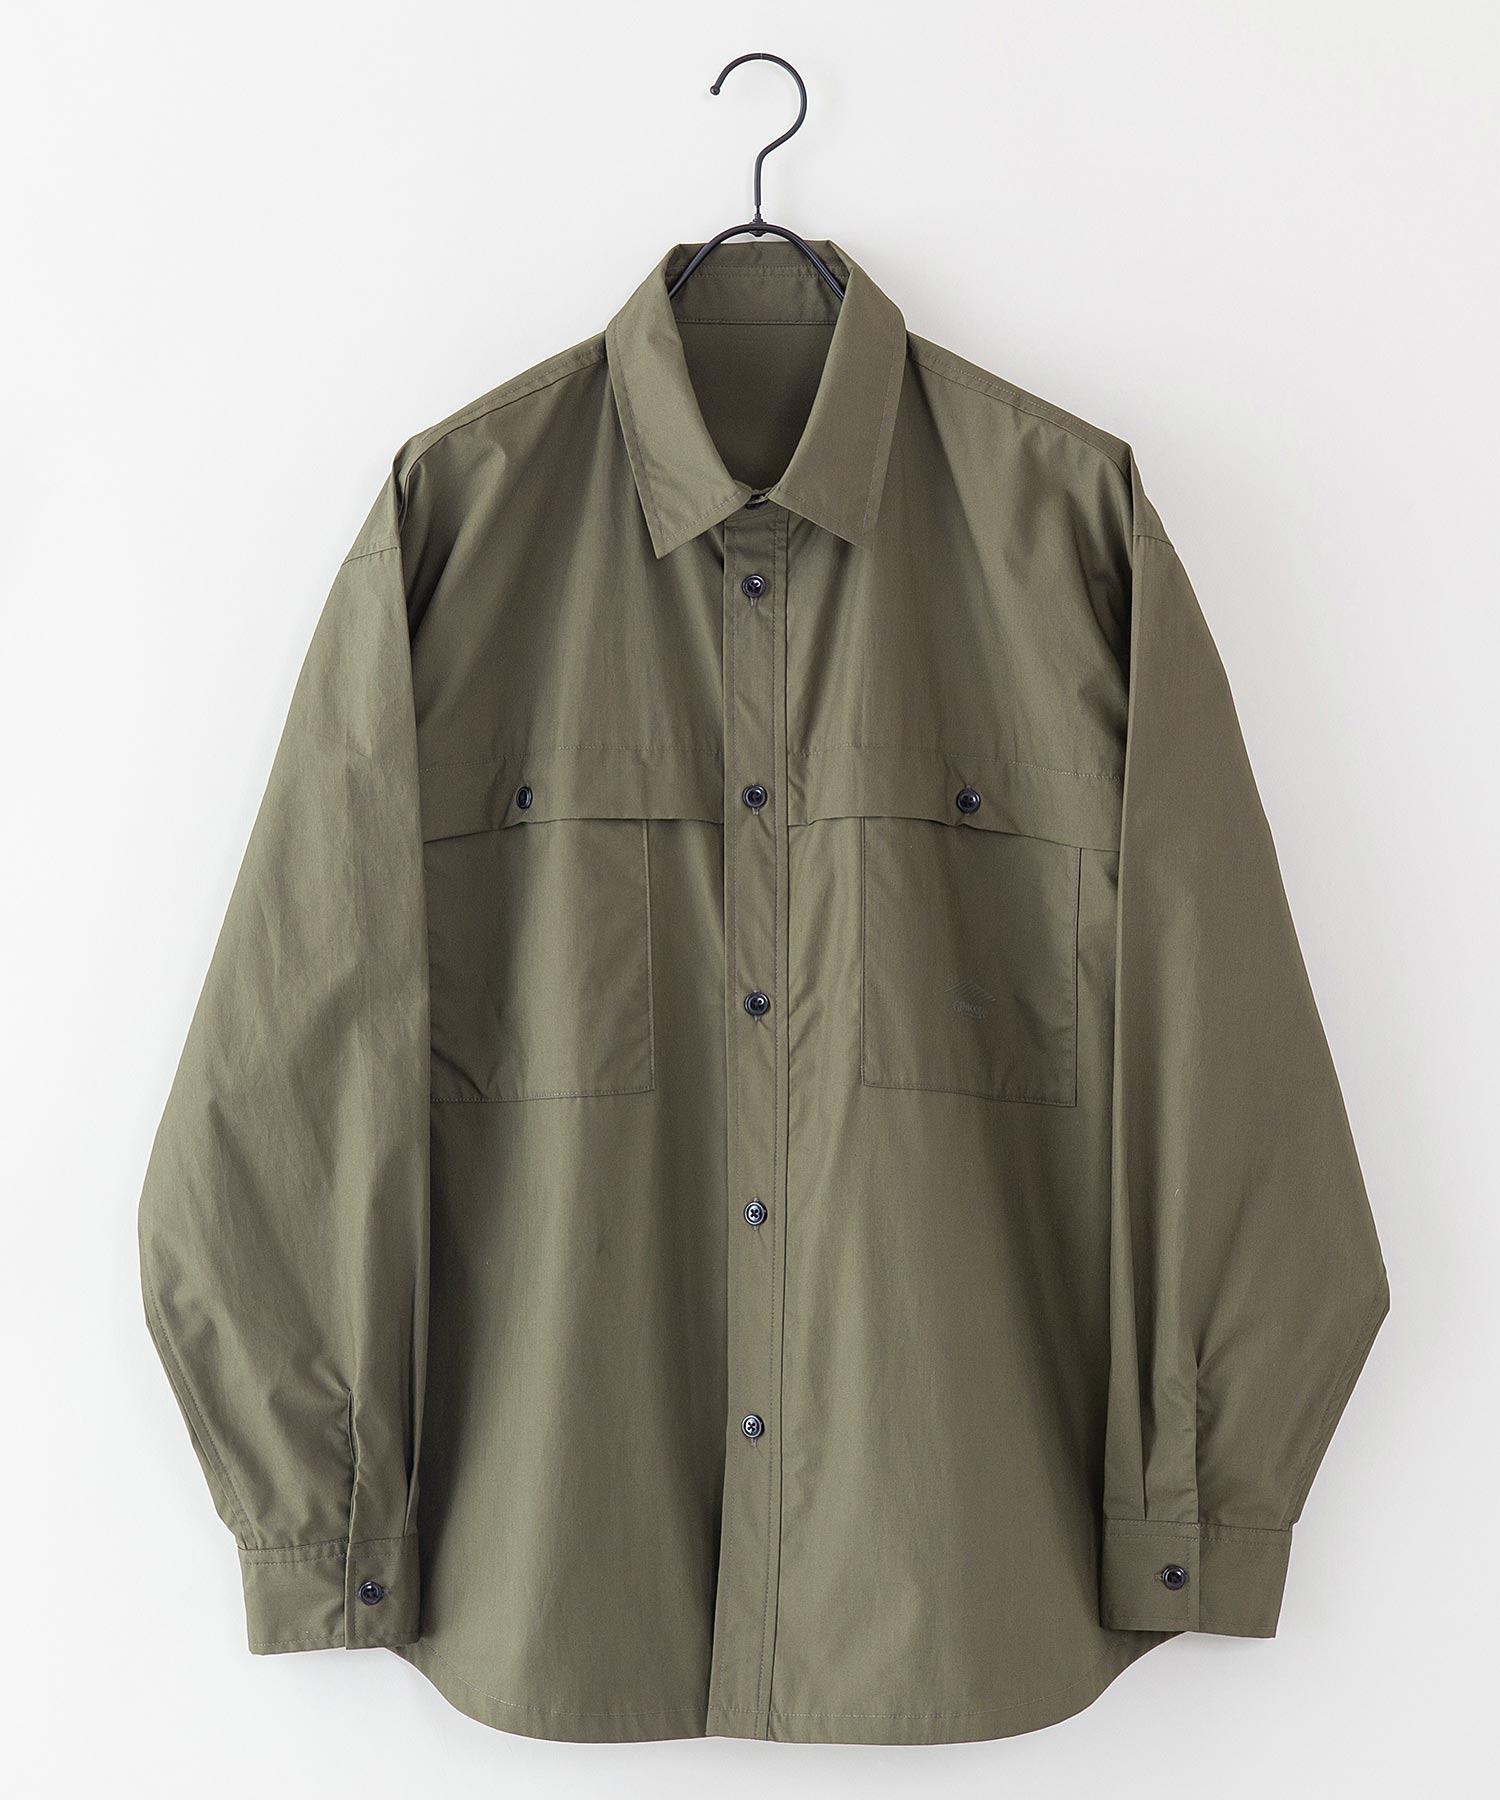 【着るバッグシリーズ】7ポケット多収納シャツ 長袖 同色ワンポイントブランドロゴ 内側ポケットB5収納可